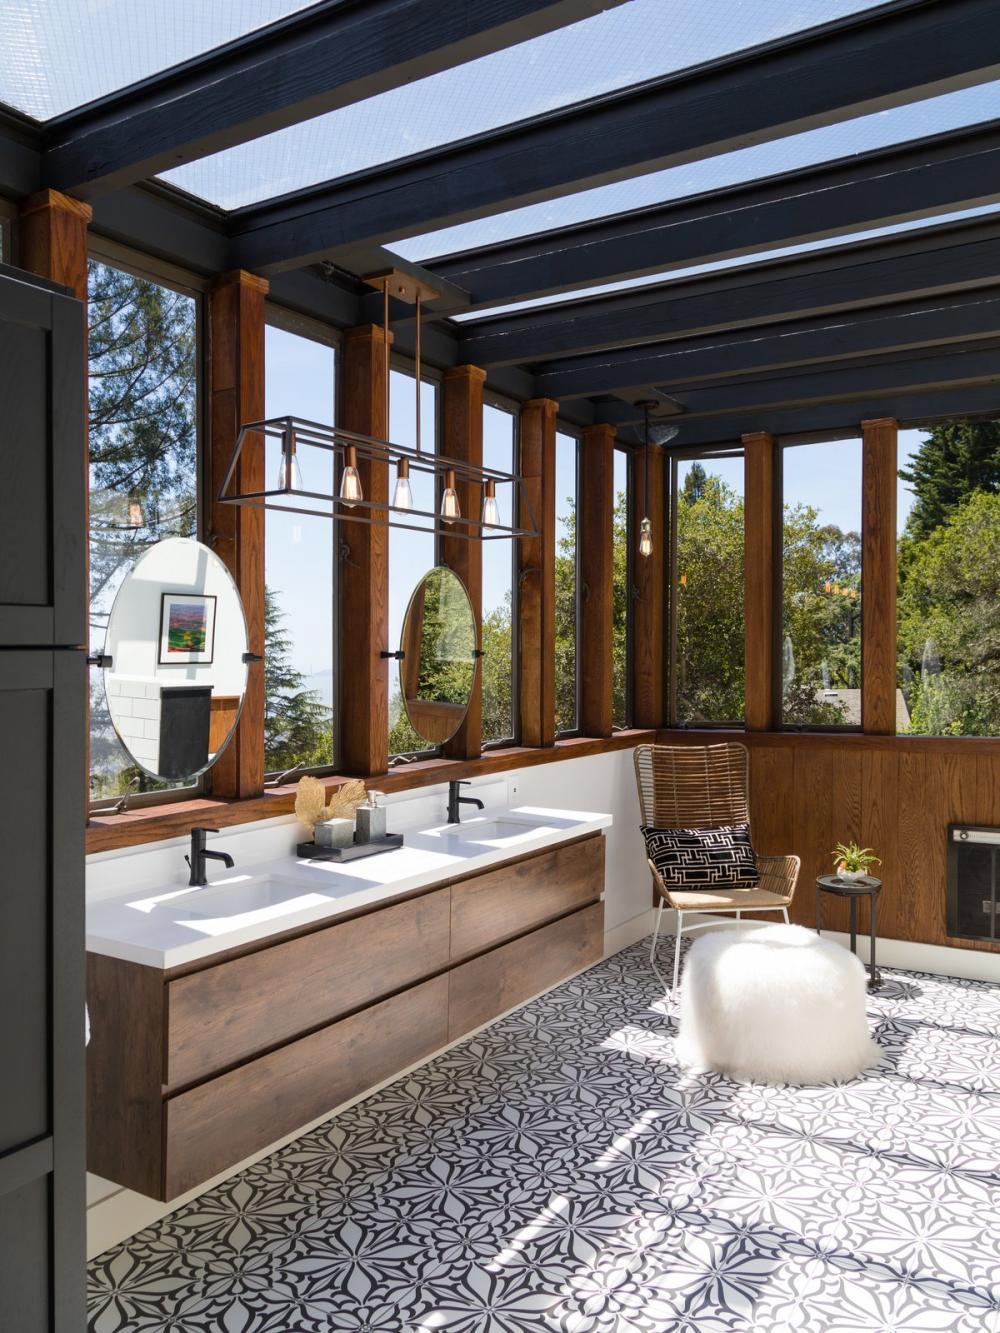 Phòng tắm tràn ngập ánh sáng tự nhiên, có riêng một góc ngồi nghỉ ngơi, thư giãn